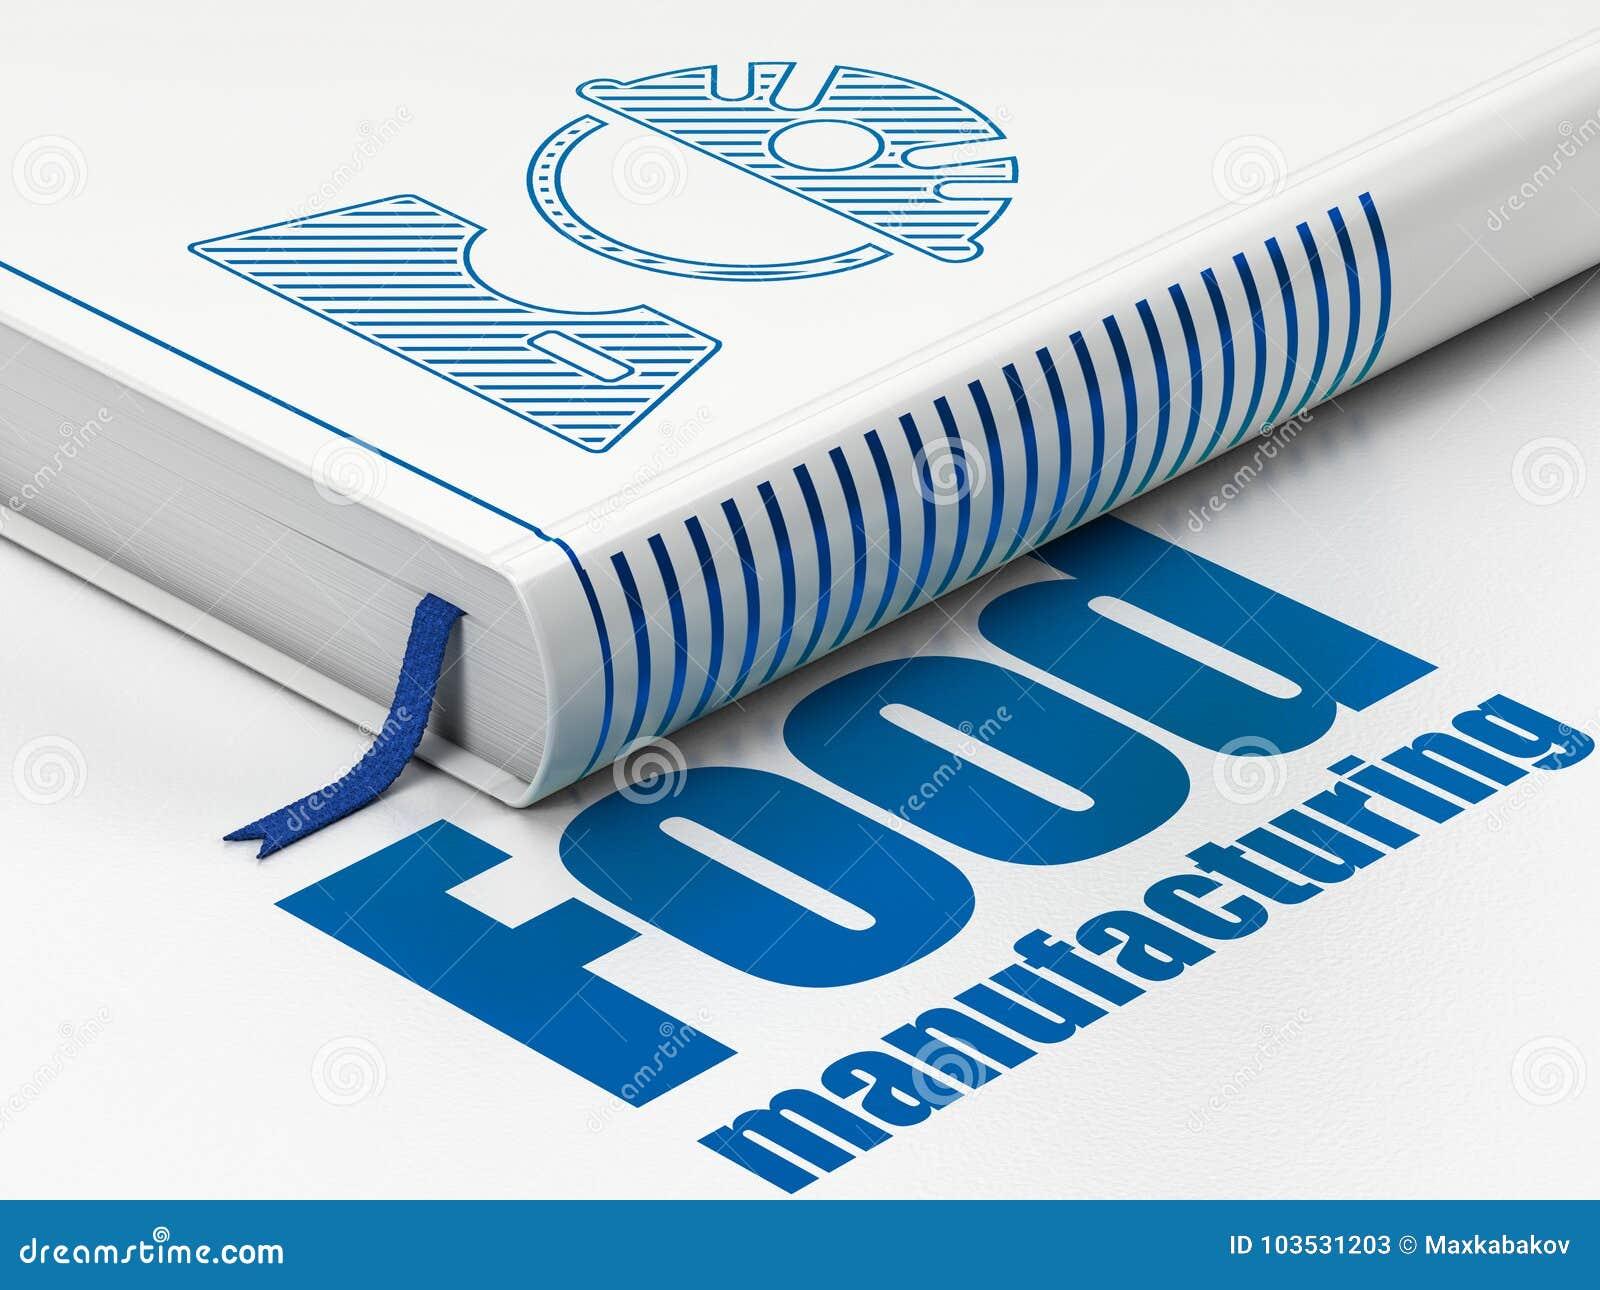 De industrieconcept: de Arbeider van de boekfabriek, Voedsel Productie op witte achtergrond